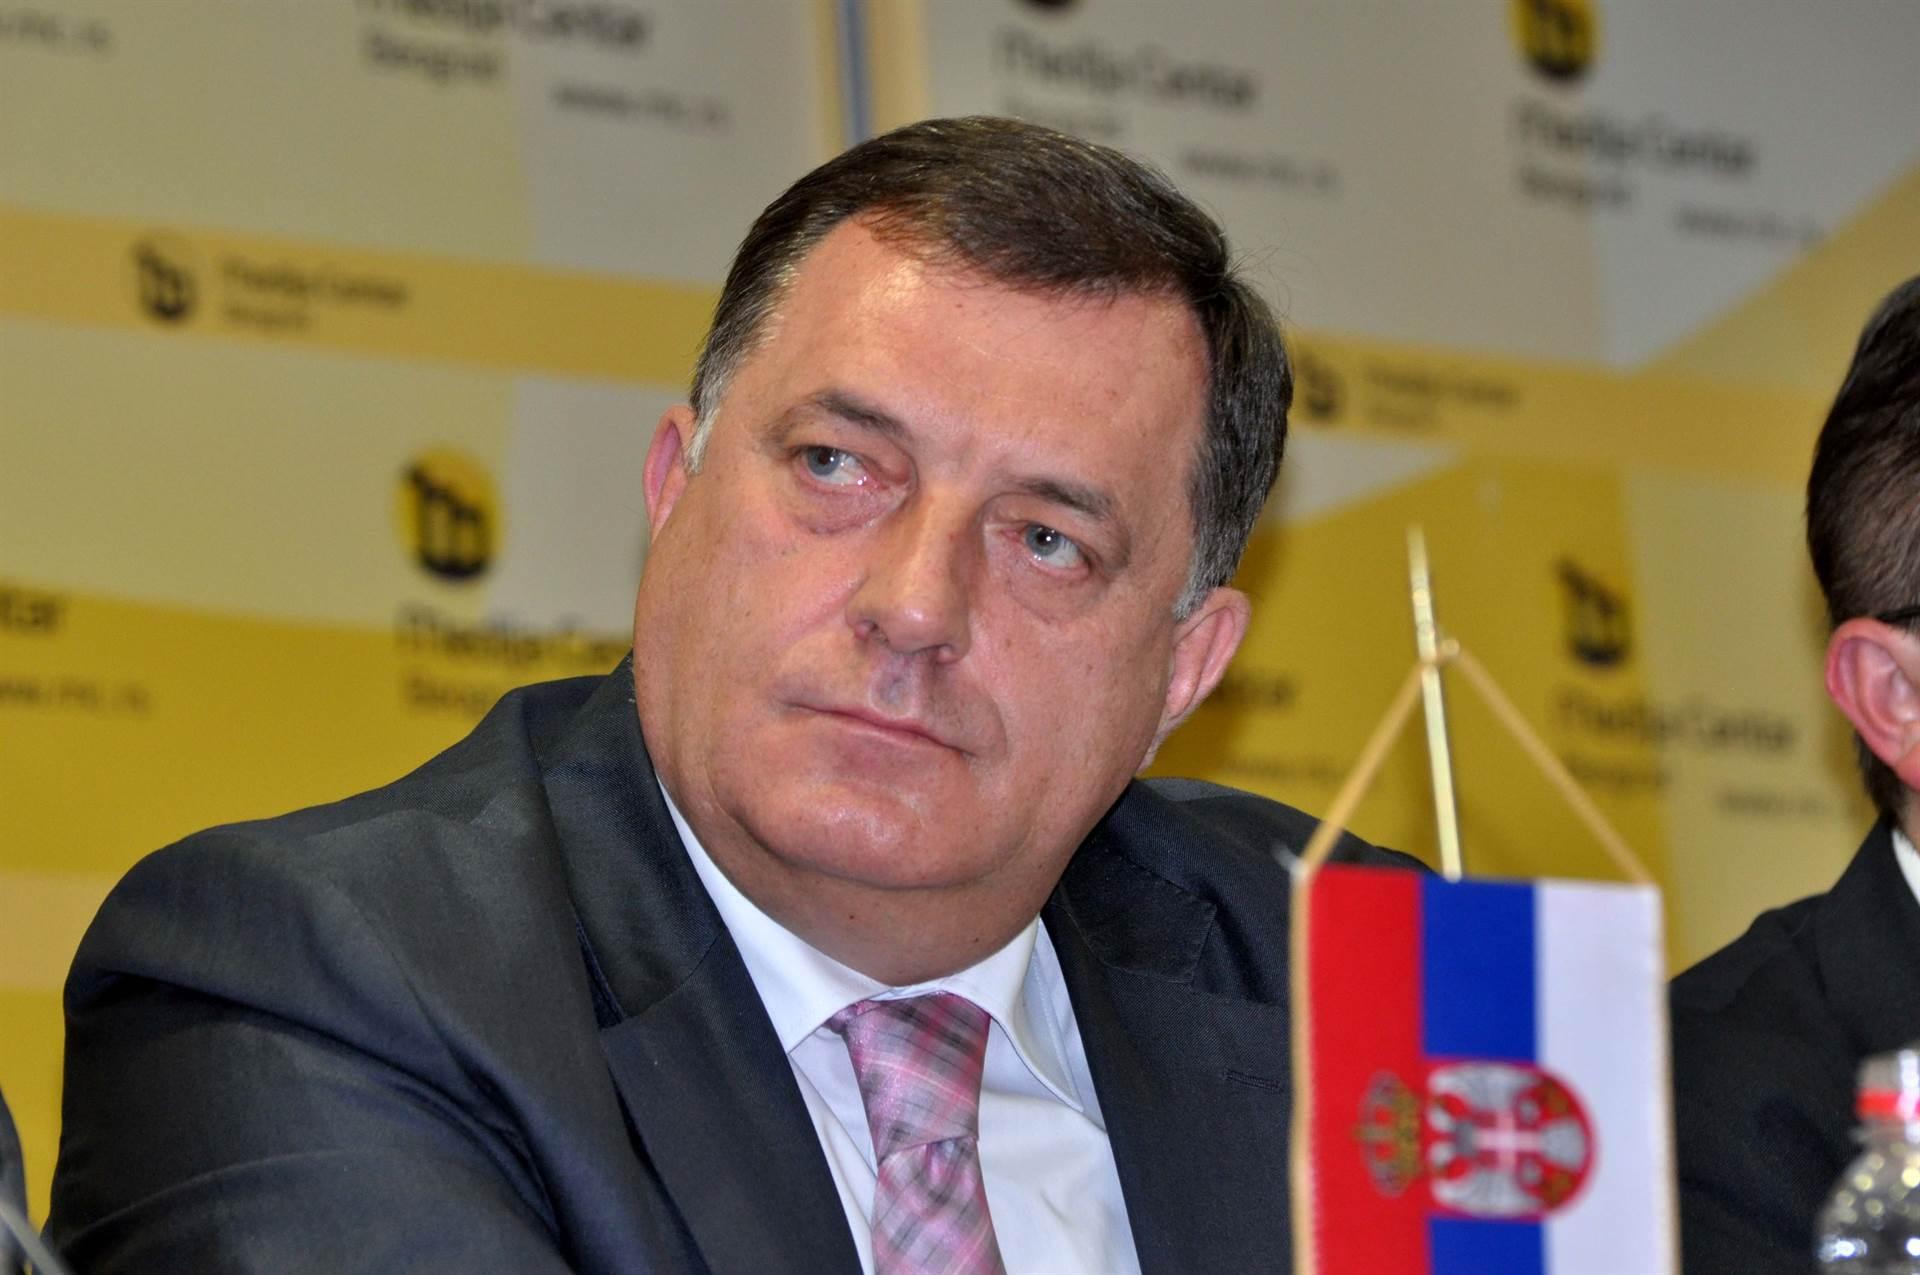 Udruženje žrtava uložilo žalbu Tužilaštvu BiH zbog odluke o Dodiku